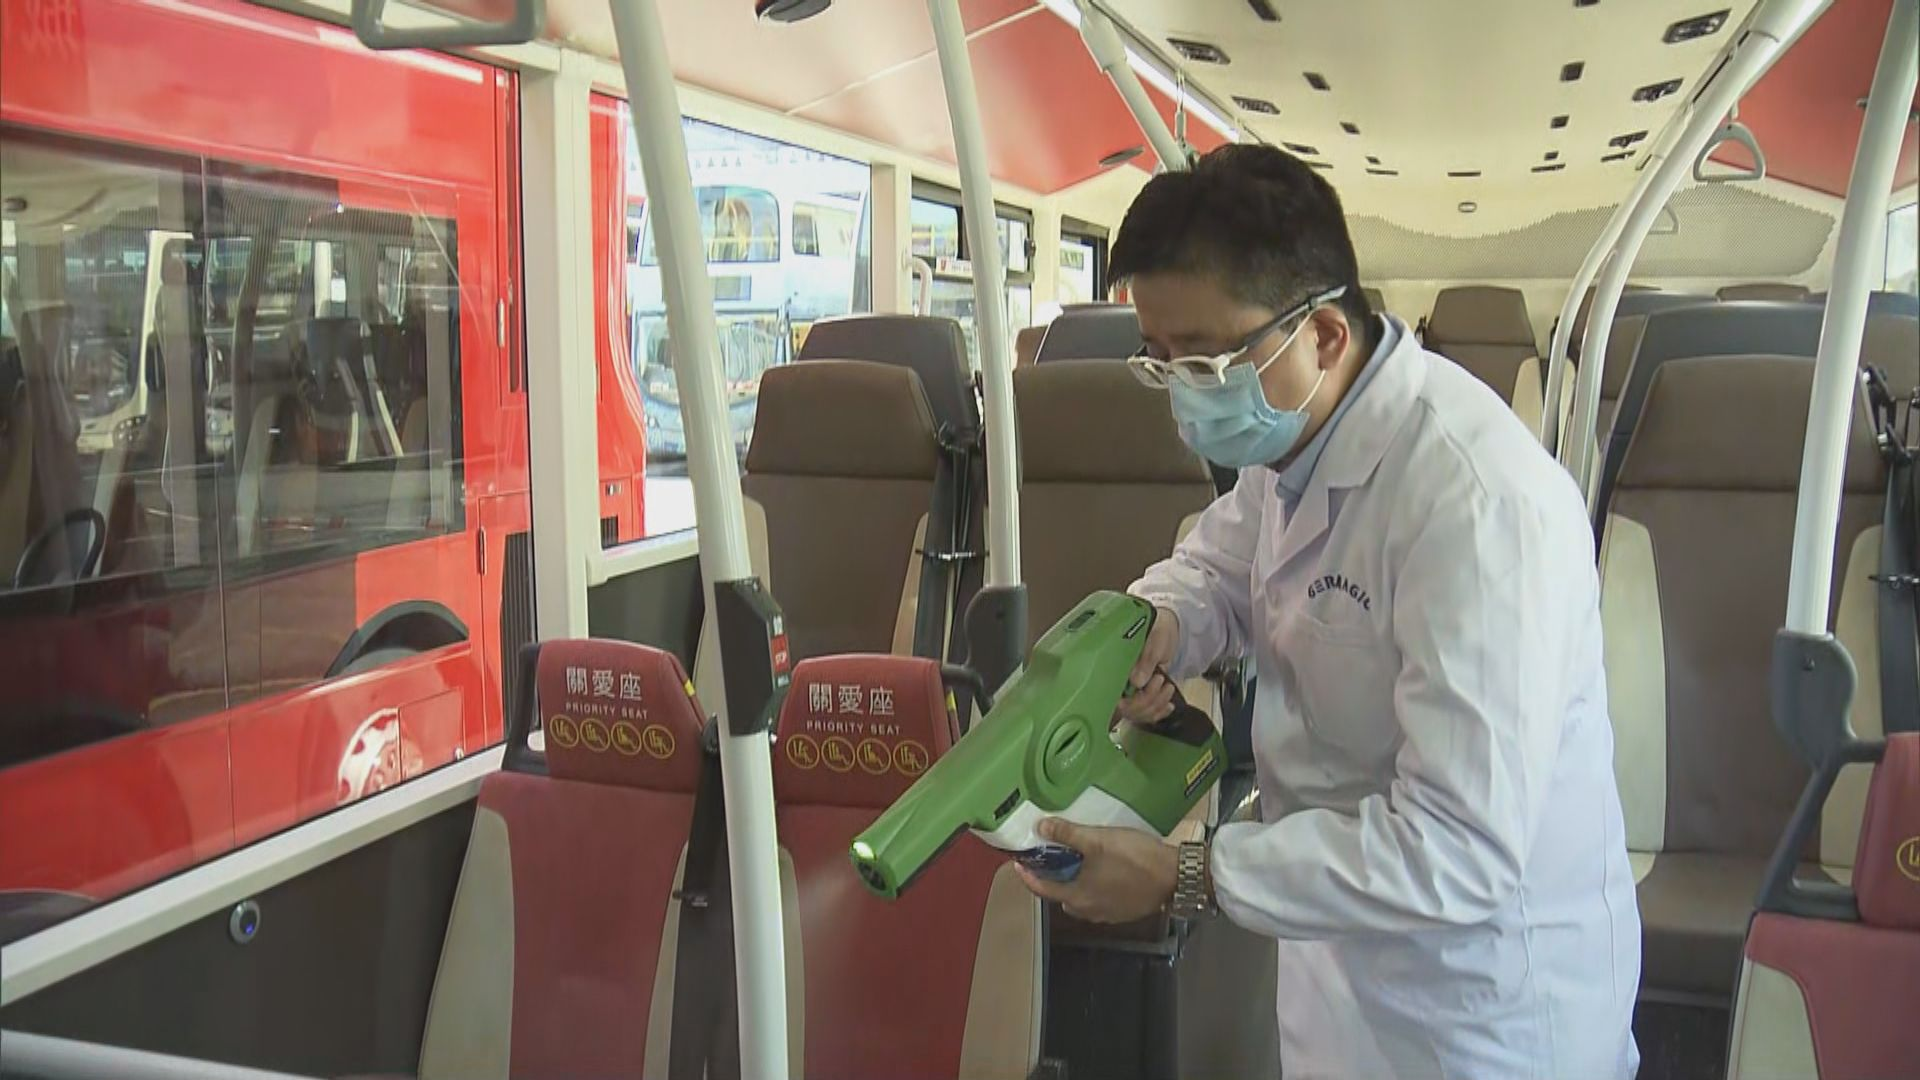 九巴加強防疫措施 全線車隊噴灑殺菌塗層及設消毒搓手液